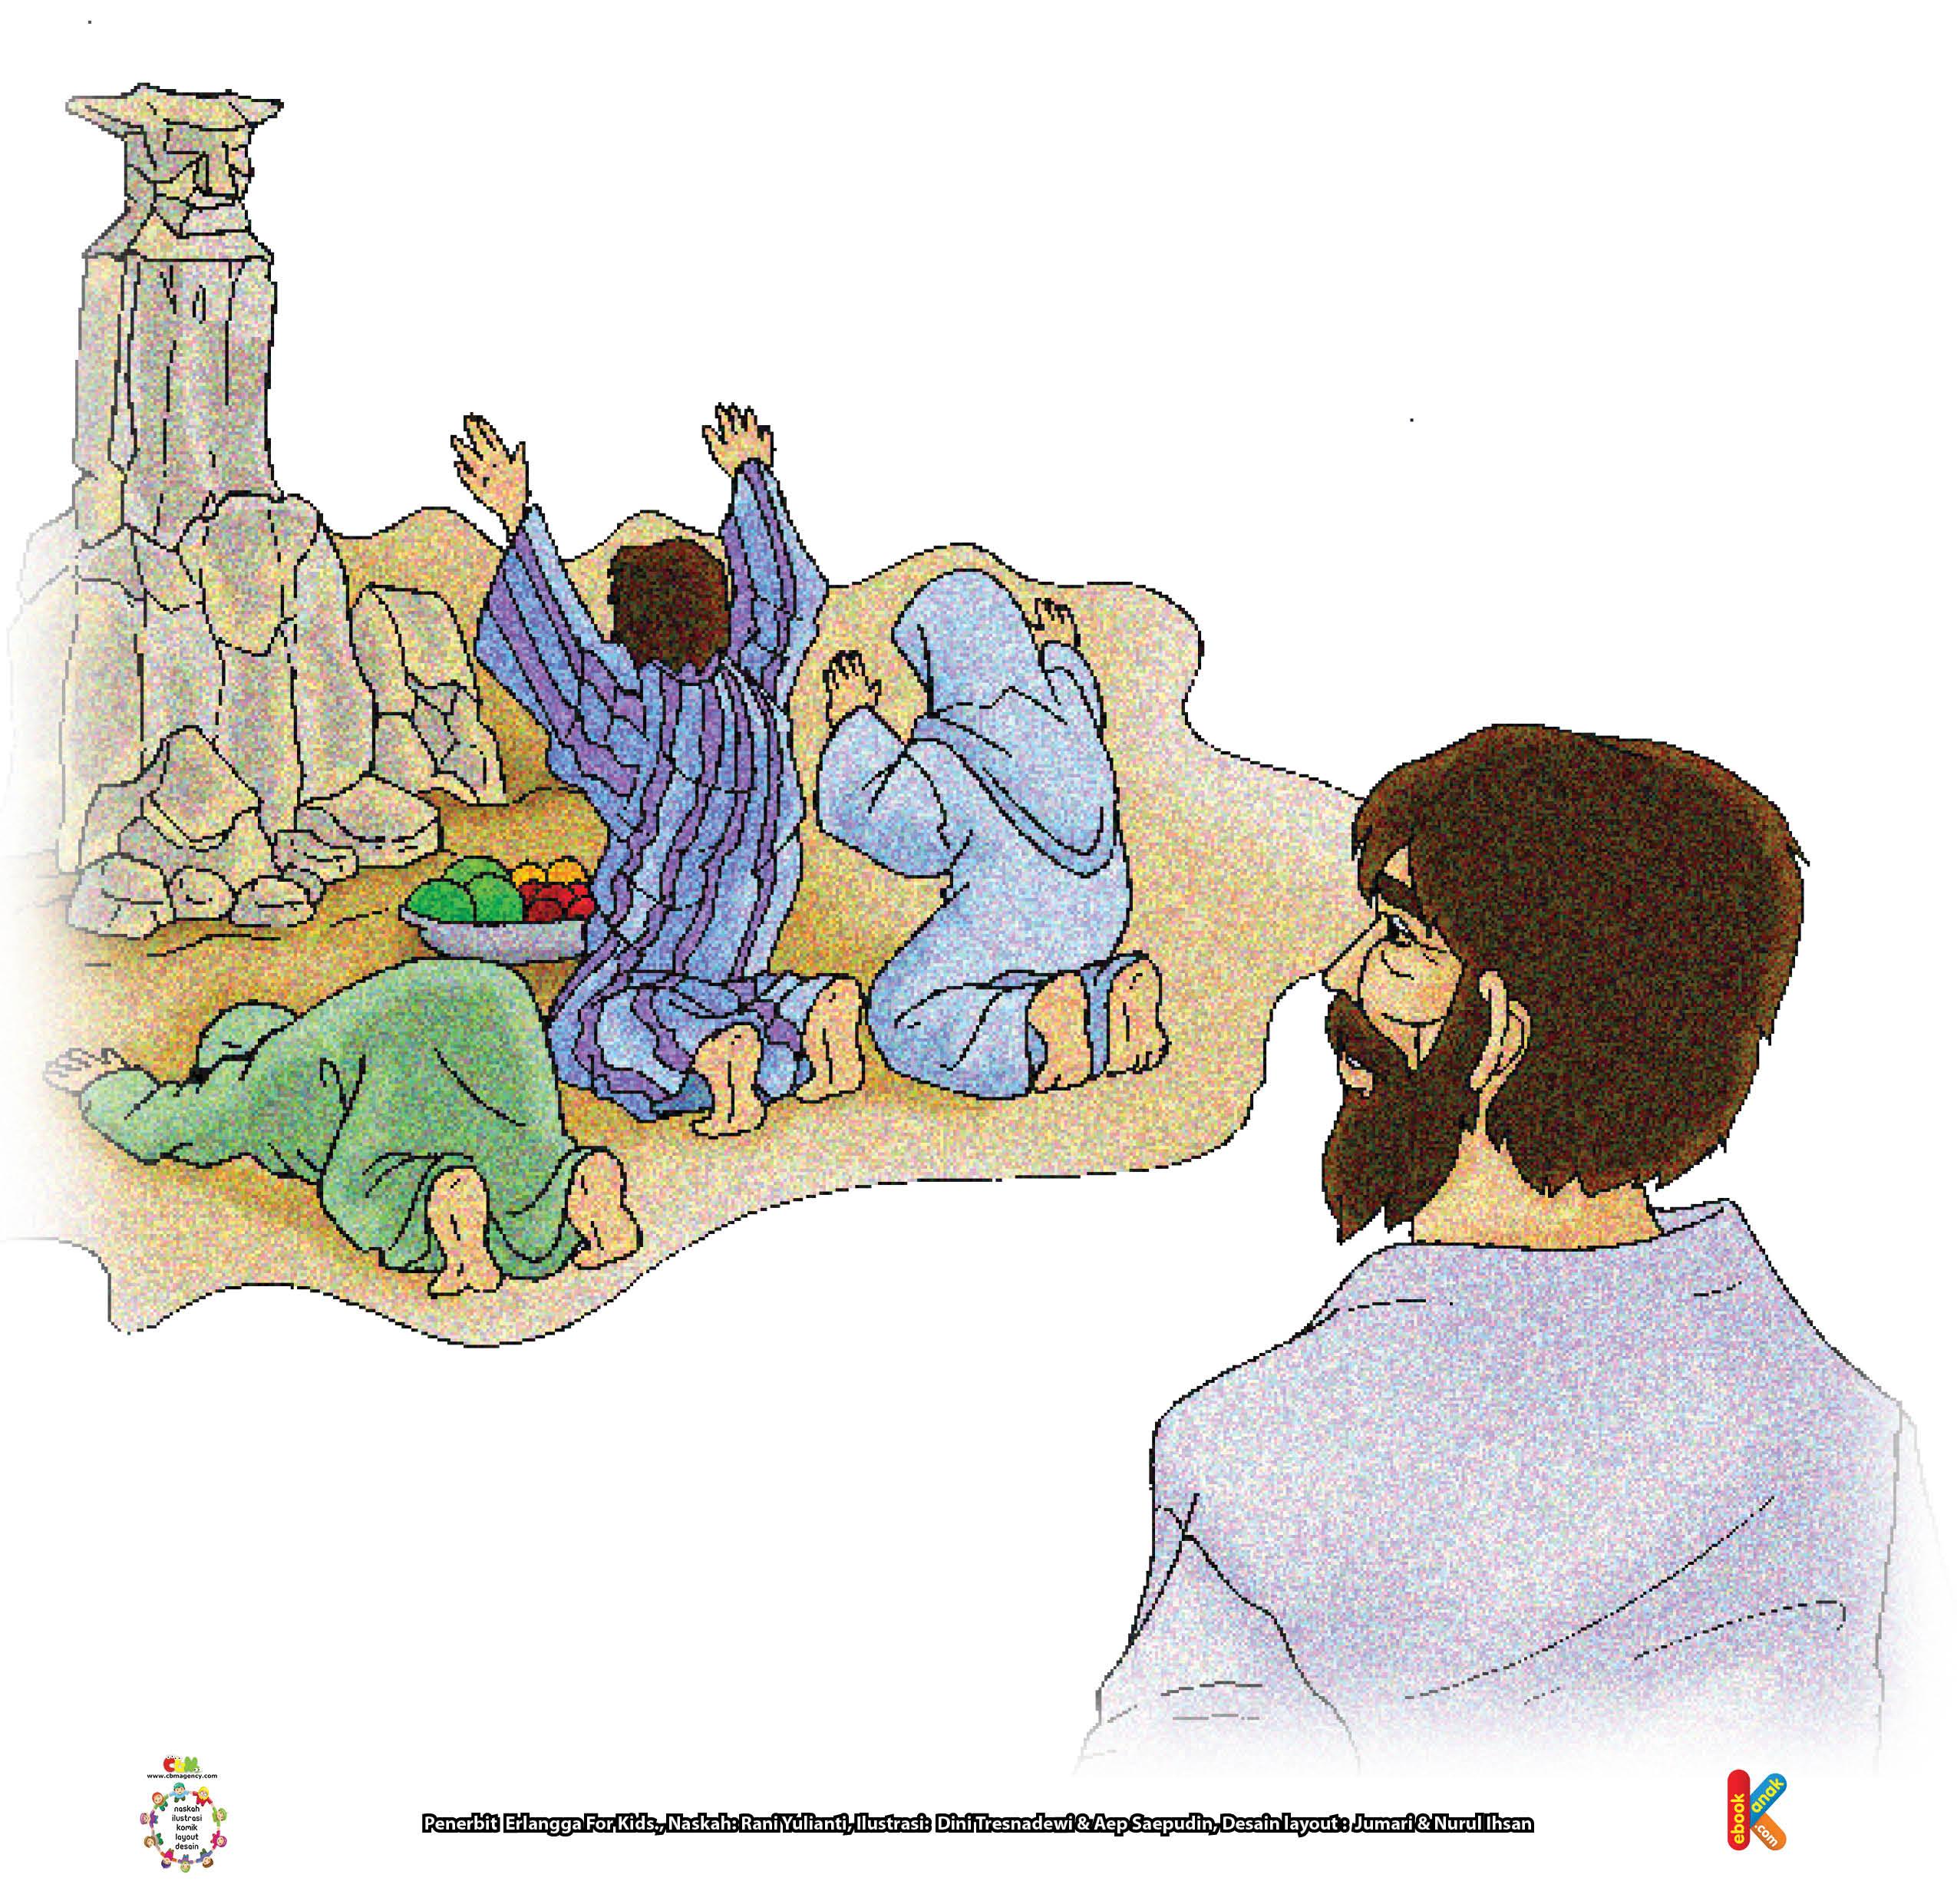 Namun, umatnya terlalu sombong untuk menyembah Allah. Mereka lebih suka menyembah patung yang tidak dapat berbuat apa-apa.